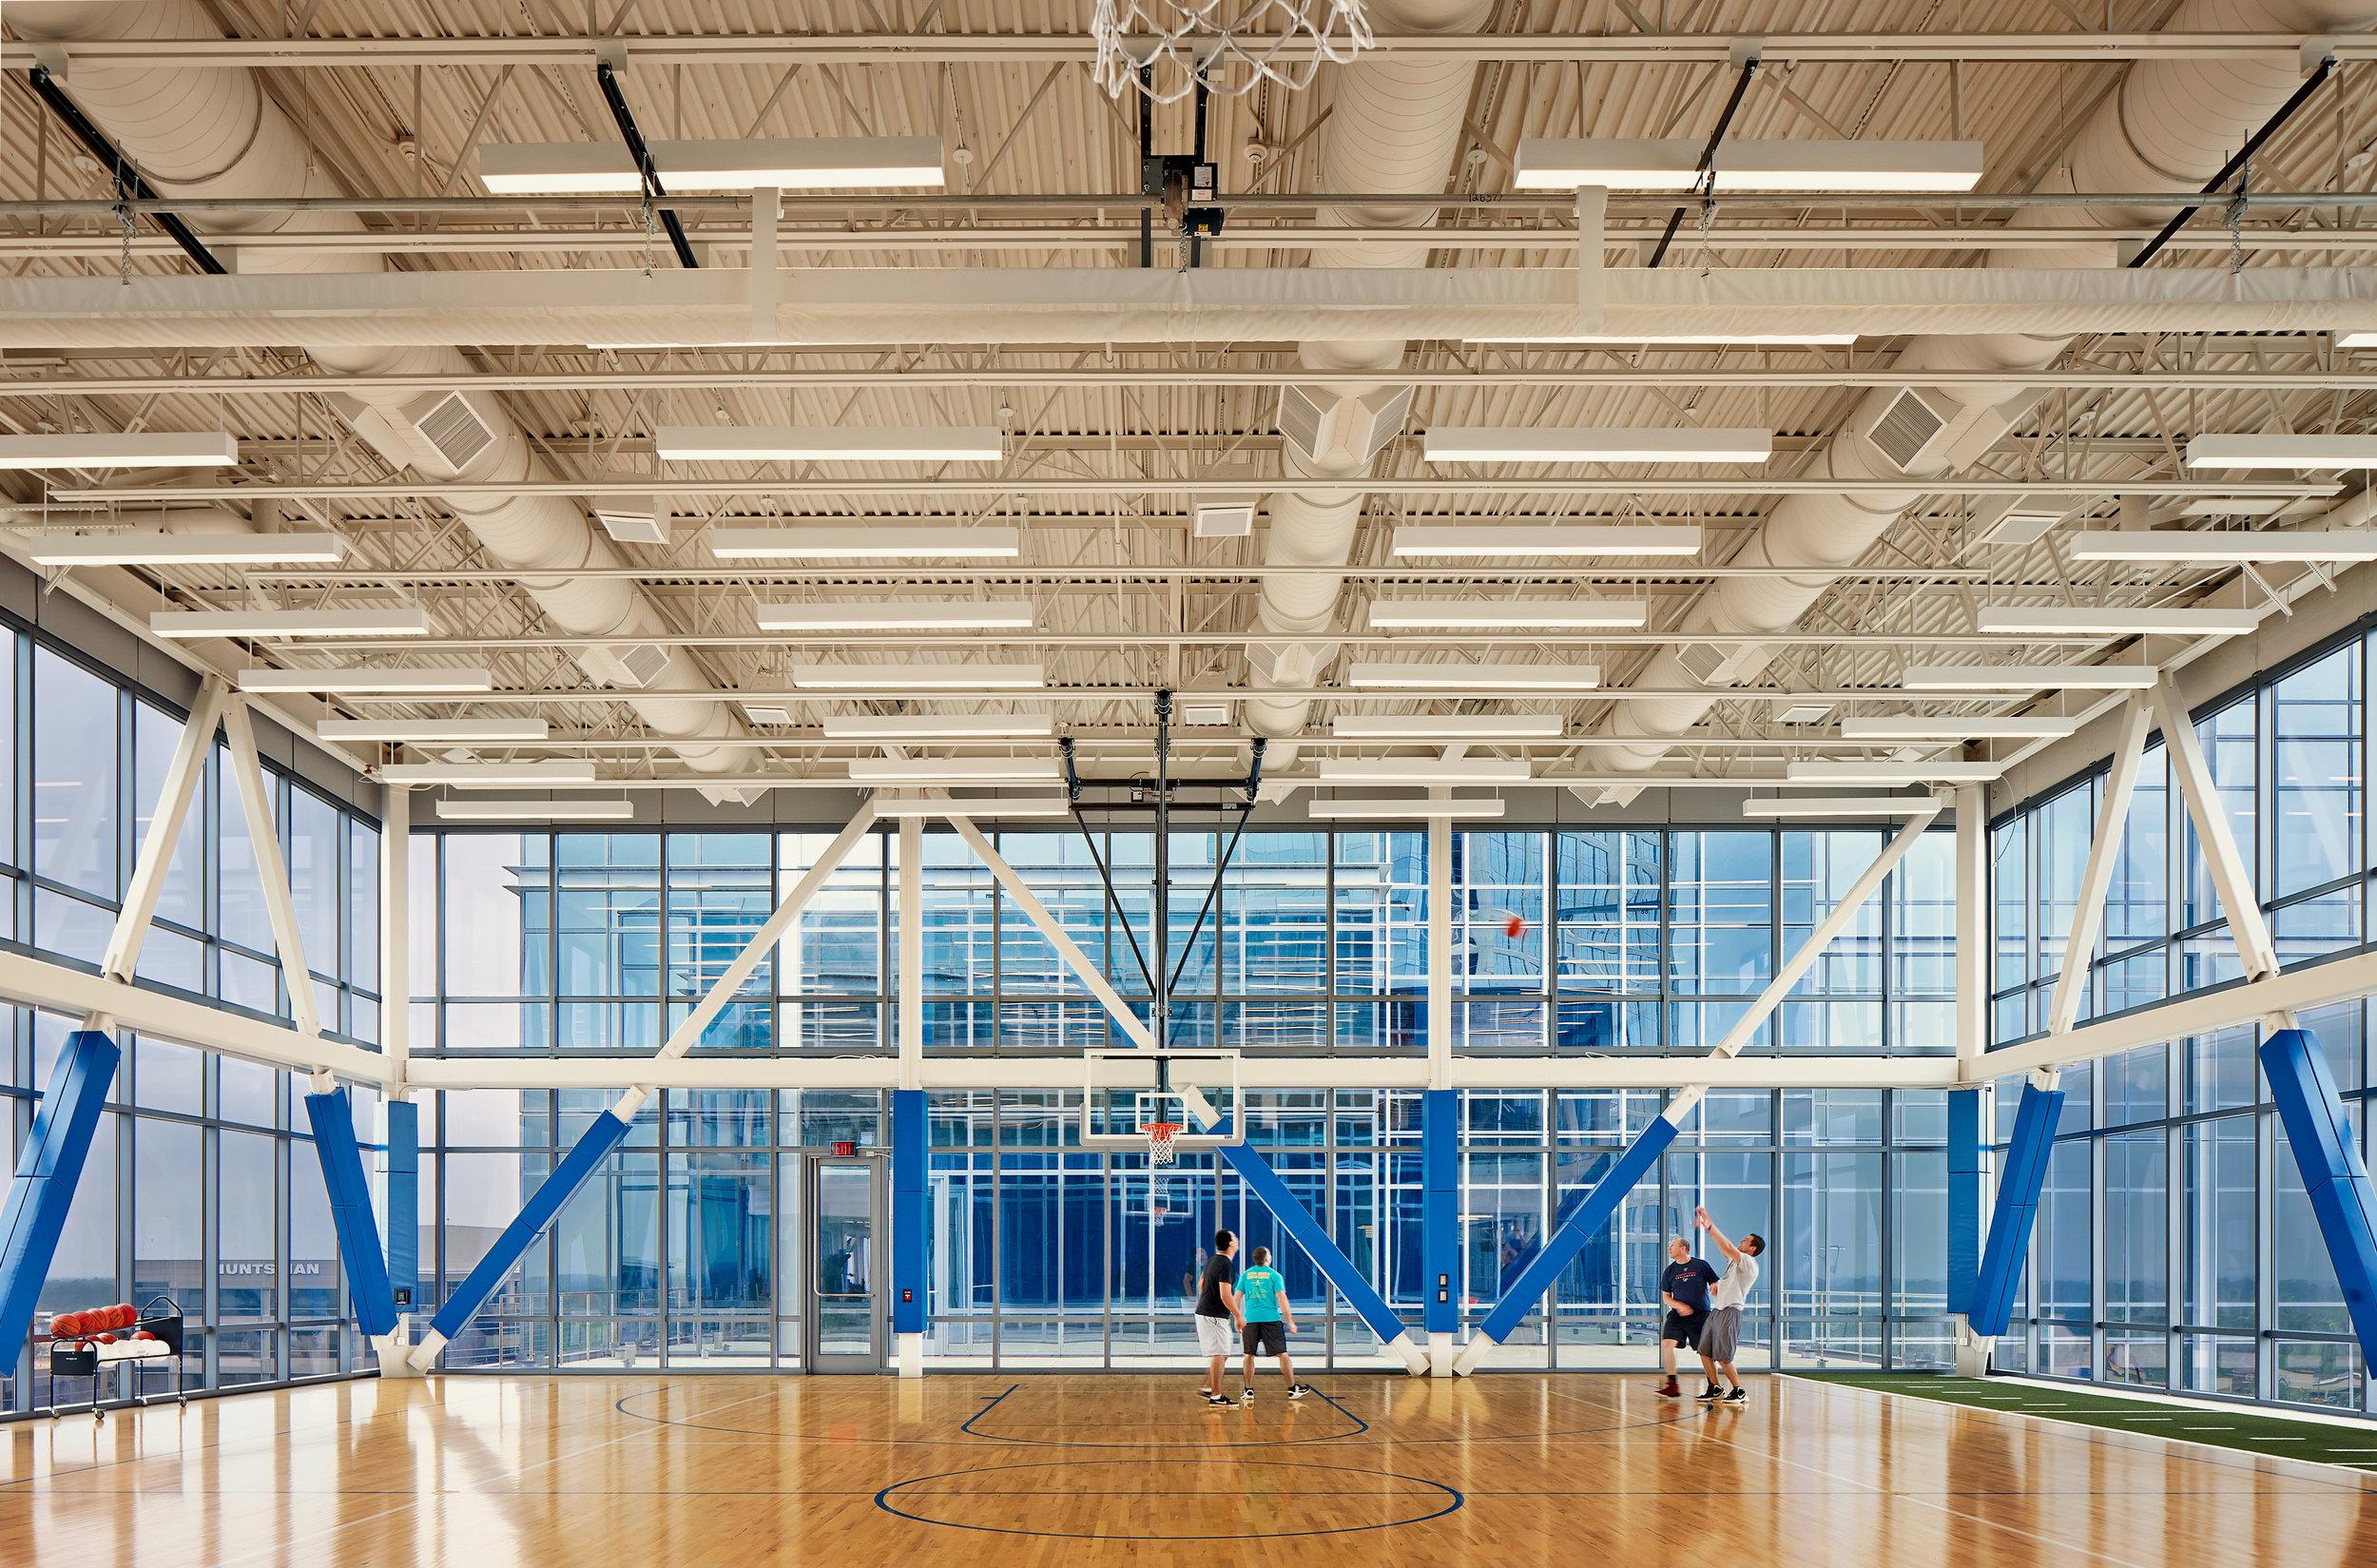 HIPHN_Anadarko Hackett Tower_Basketball Court2_140401.jpg